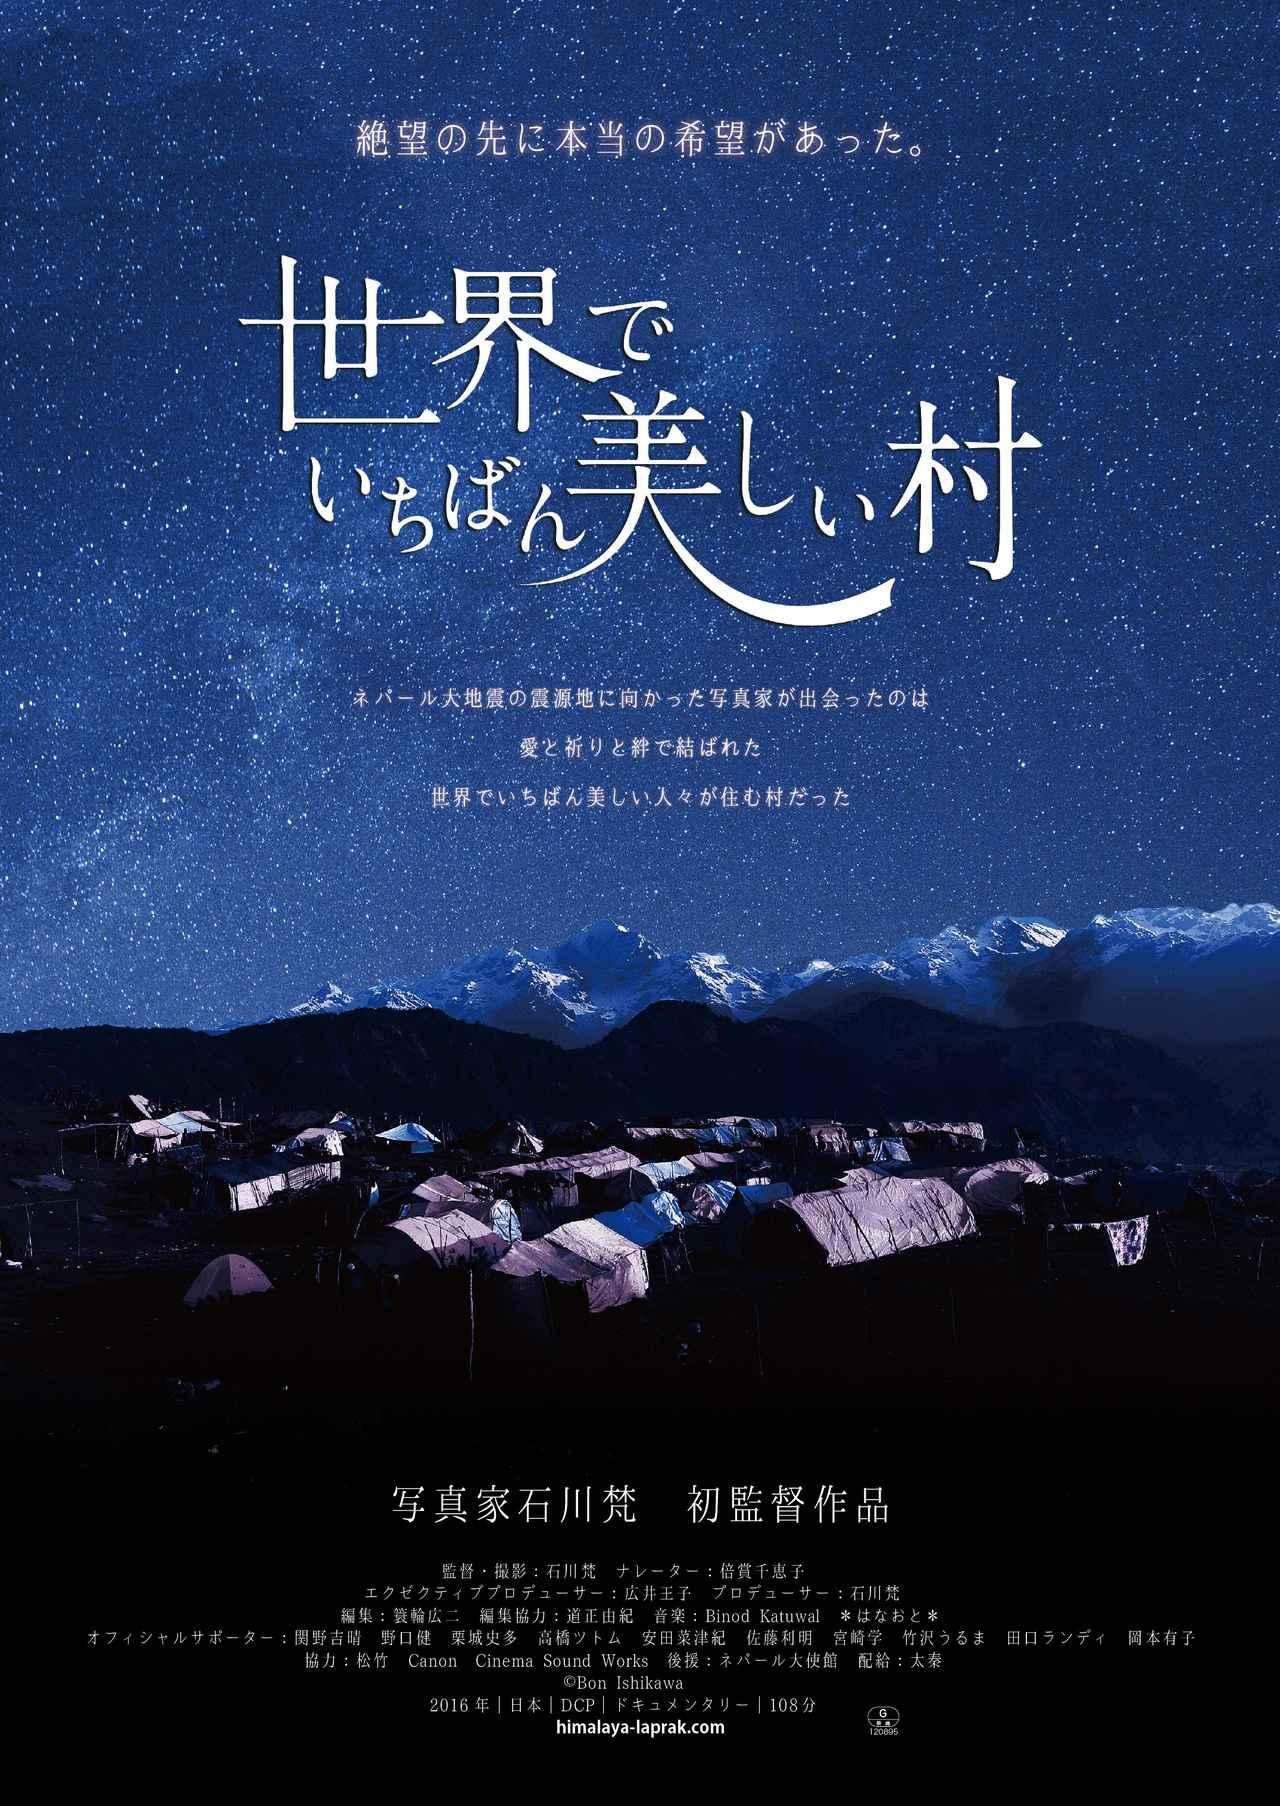 画像1: こんなに美しく星が輝くネパールの震災地のラプラック村。写真家 石川梵の初のドキュメンタリー映画『世界でいちばん美しい村』公開!